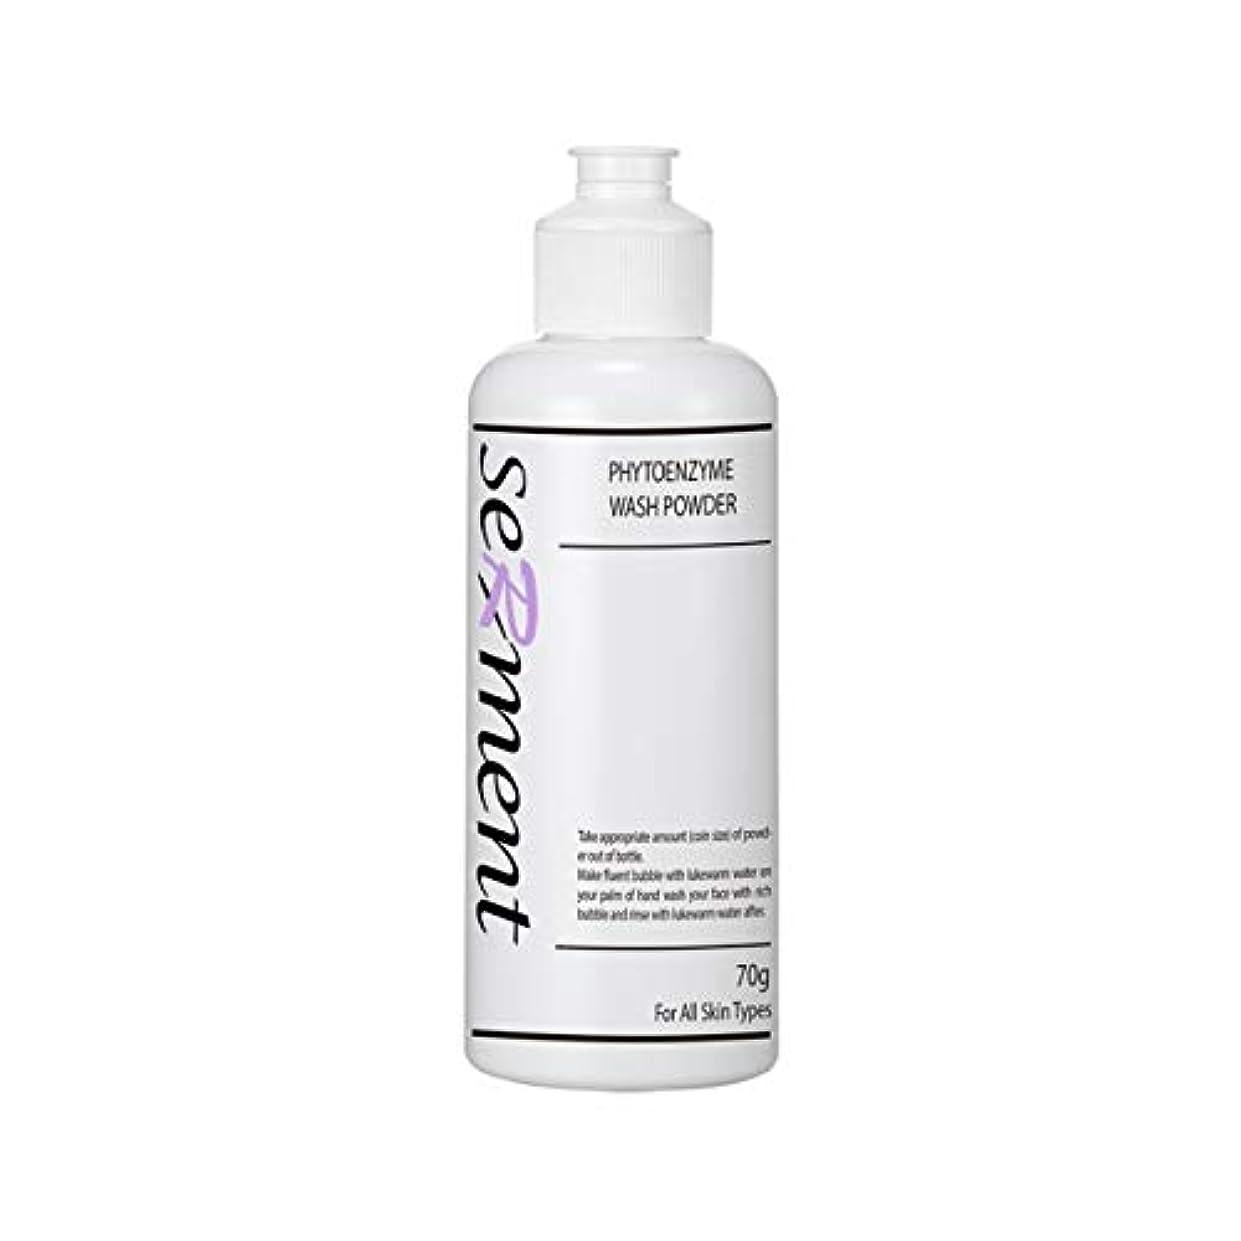 生活仕出します純粋に[Serment] Korean Cosmetics Serment Enzyme Acne Face Wash Powder 70g Cleanser, Exfoliation Hypoallergenic cleanser...